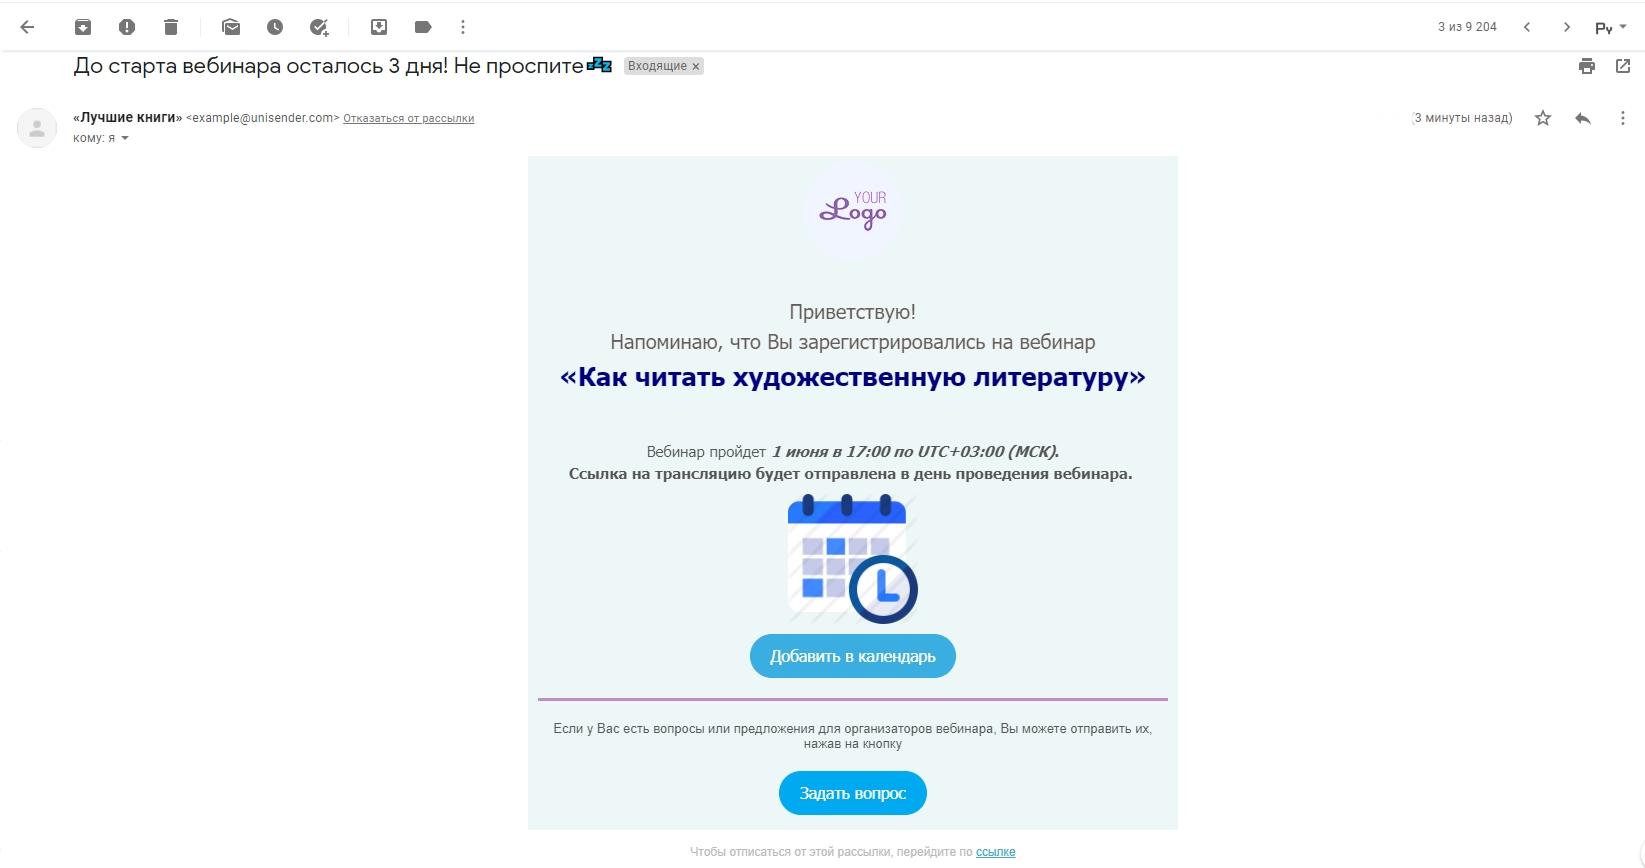 Пример первого письма для участников вебинара